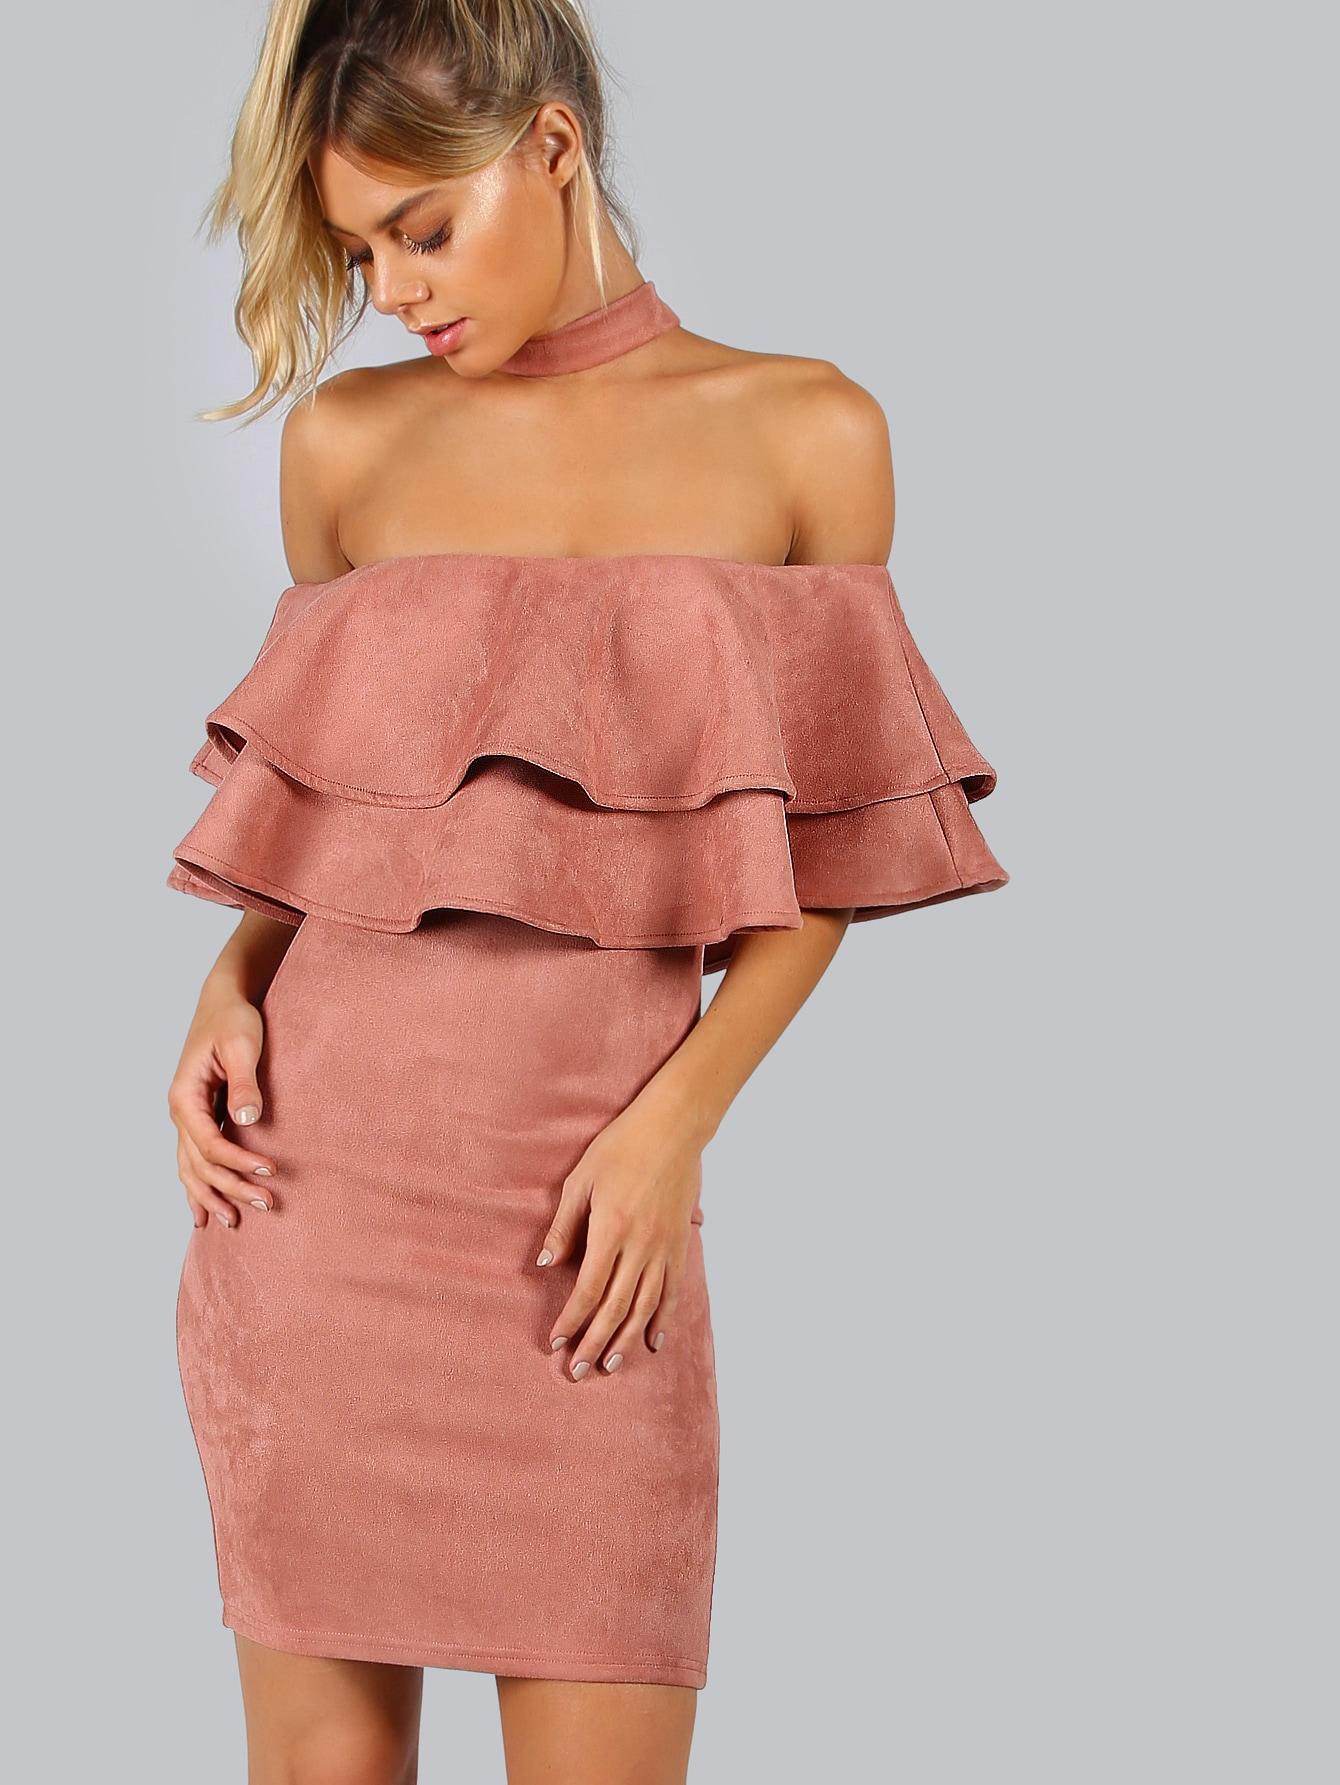 Suede Choker Neck Layered Ruffle Dress burgundy contrast sheer neck layered sleeve ruffle dress